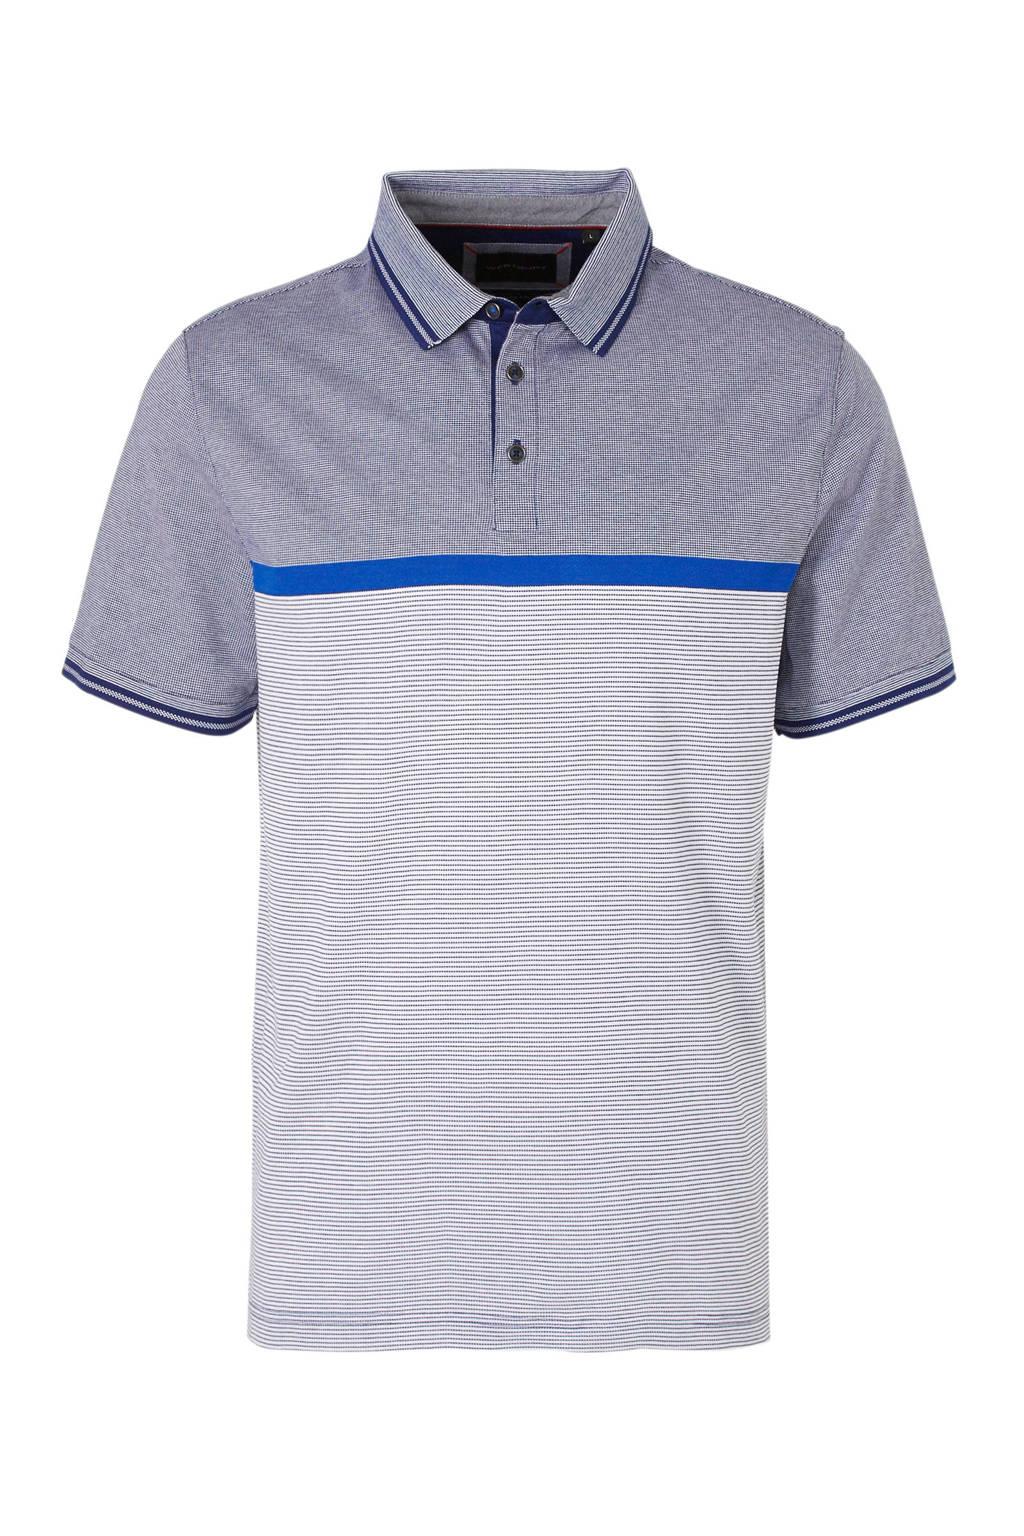 C&A polo, Blauw/wit